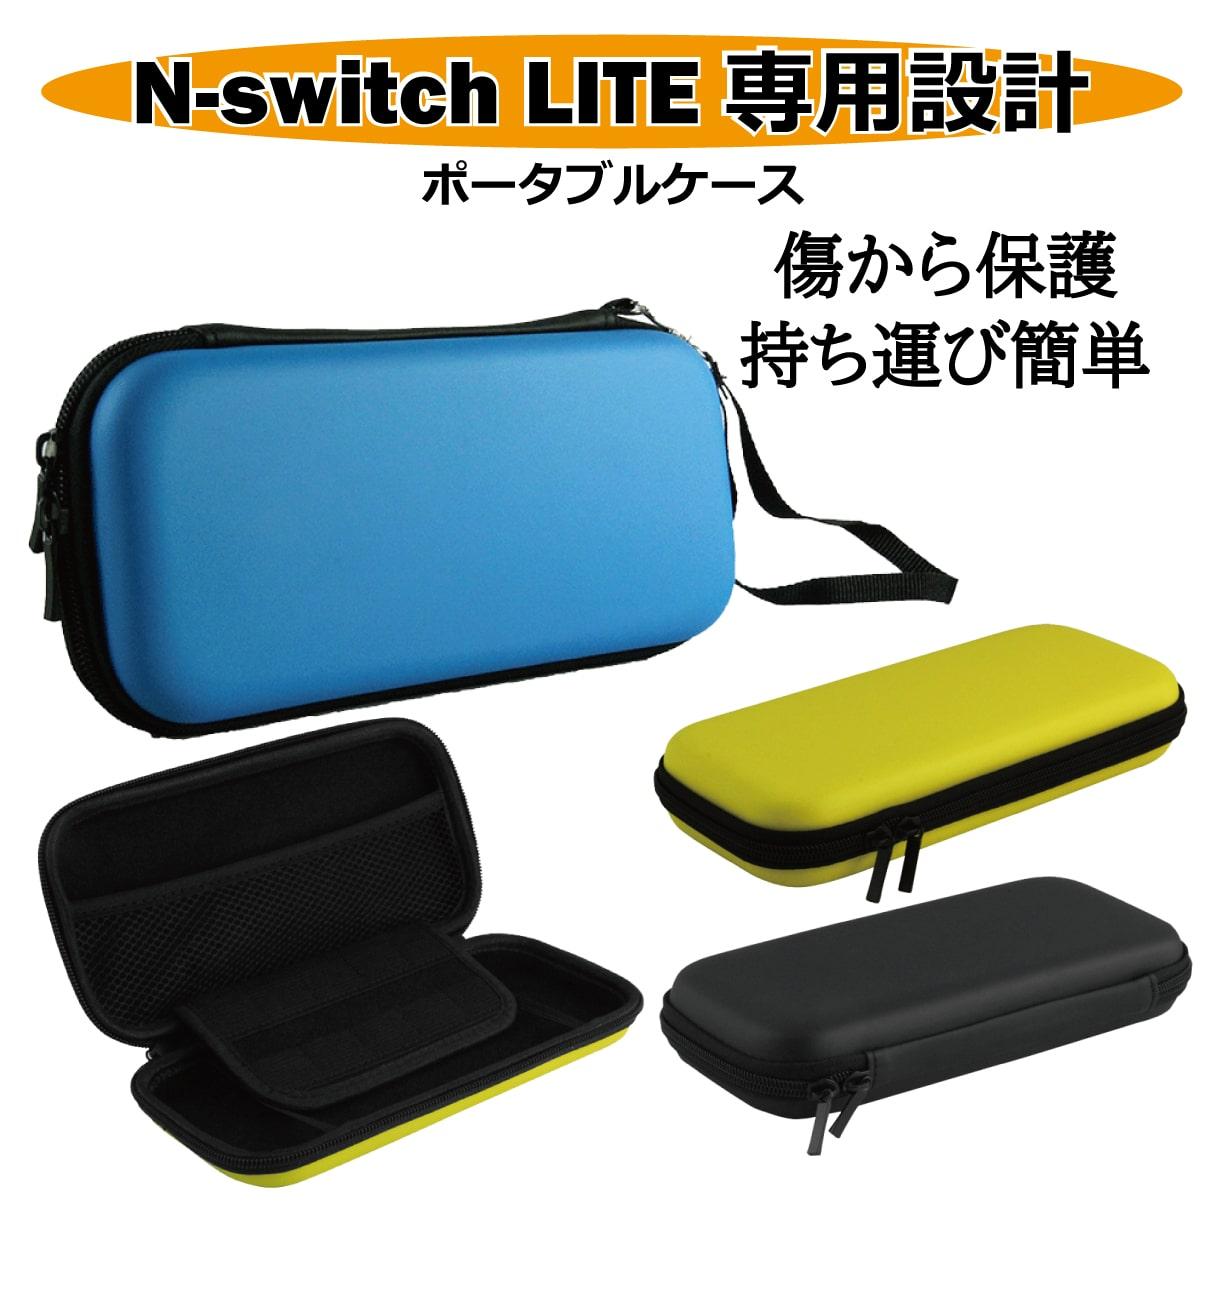 SWITCH LITE ケース 収納 ケース  内蔵カード入れ 防水 持ち運び